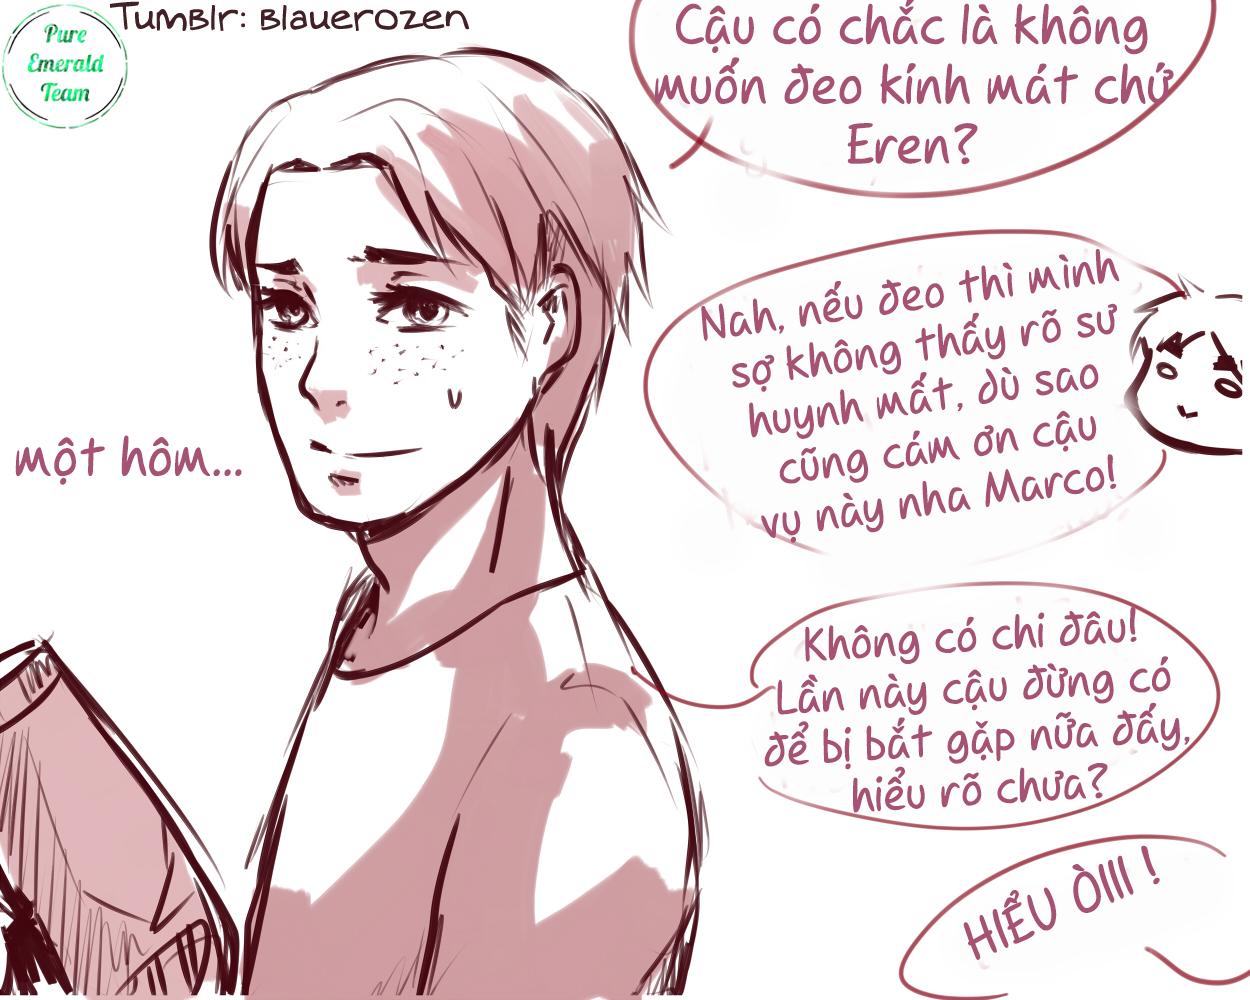 Trang 15 - [Pure Emerald] - Tên nhóc đẹp trai và khó ưa đó (- Blauerozen) - Truyện tranh Gay - Server HostedOnGoogleServerStaging